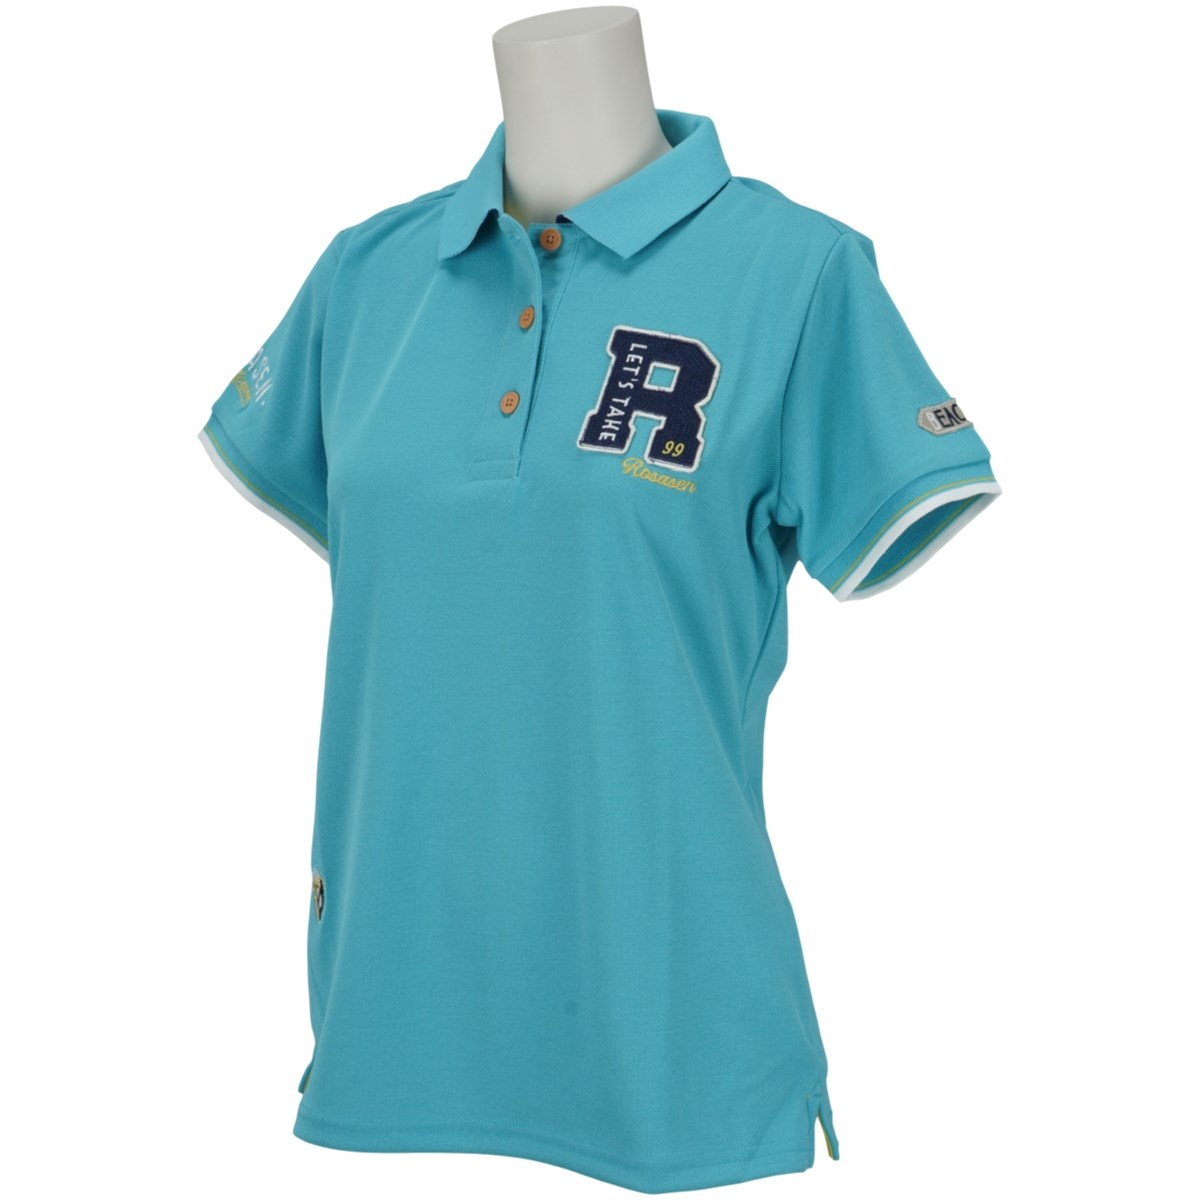 ロサーセン ROSASEN 鹿の子ロゴ盛り半袖ポロシャツ 40(M) サックス 094 レディス